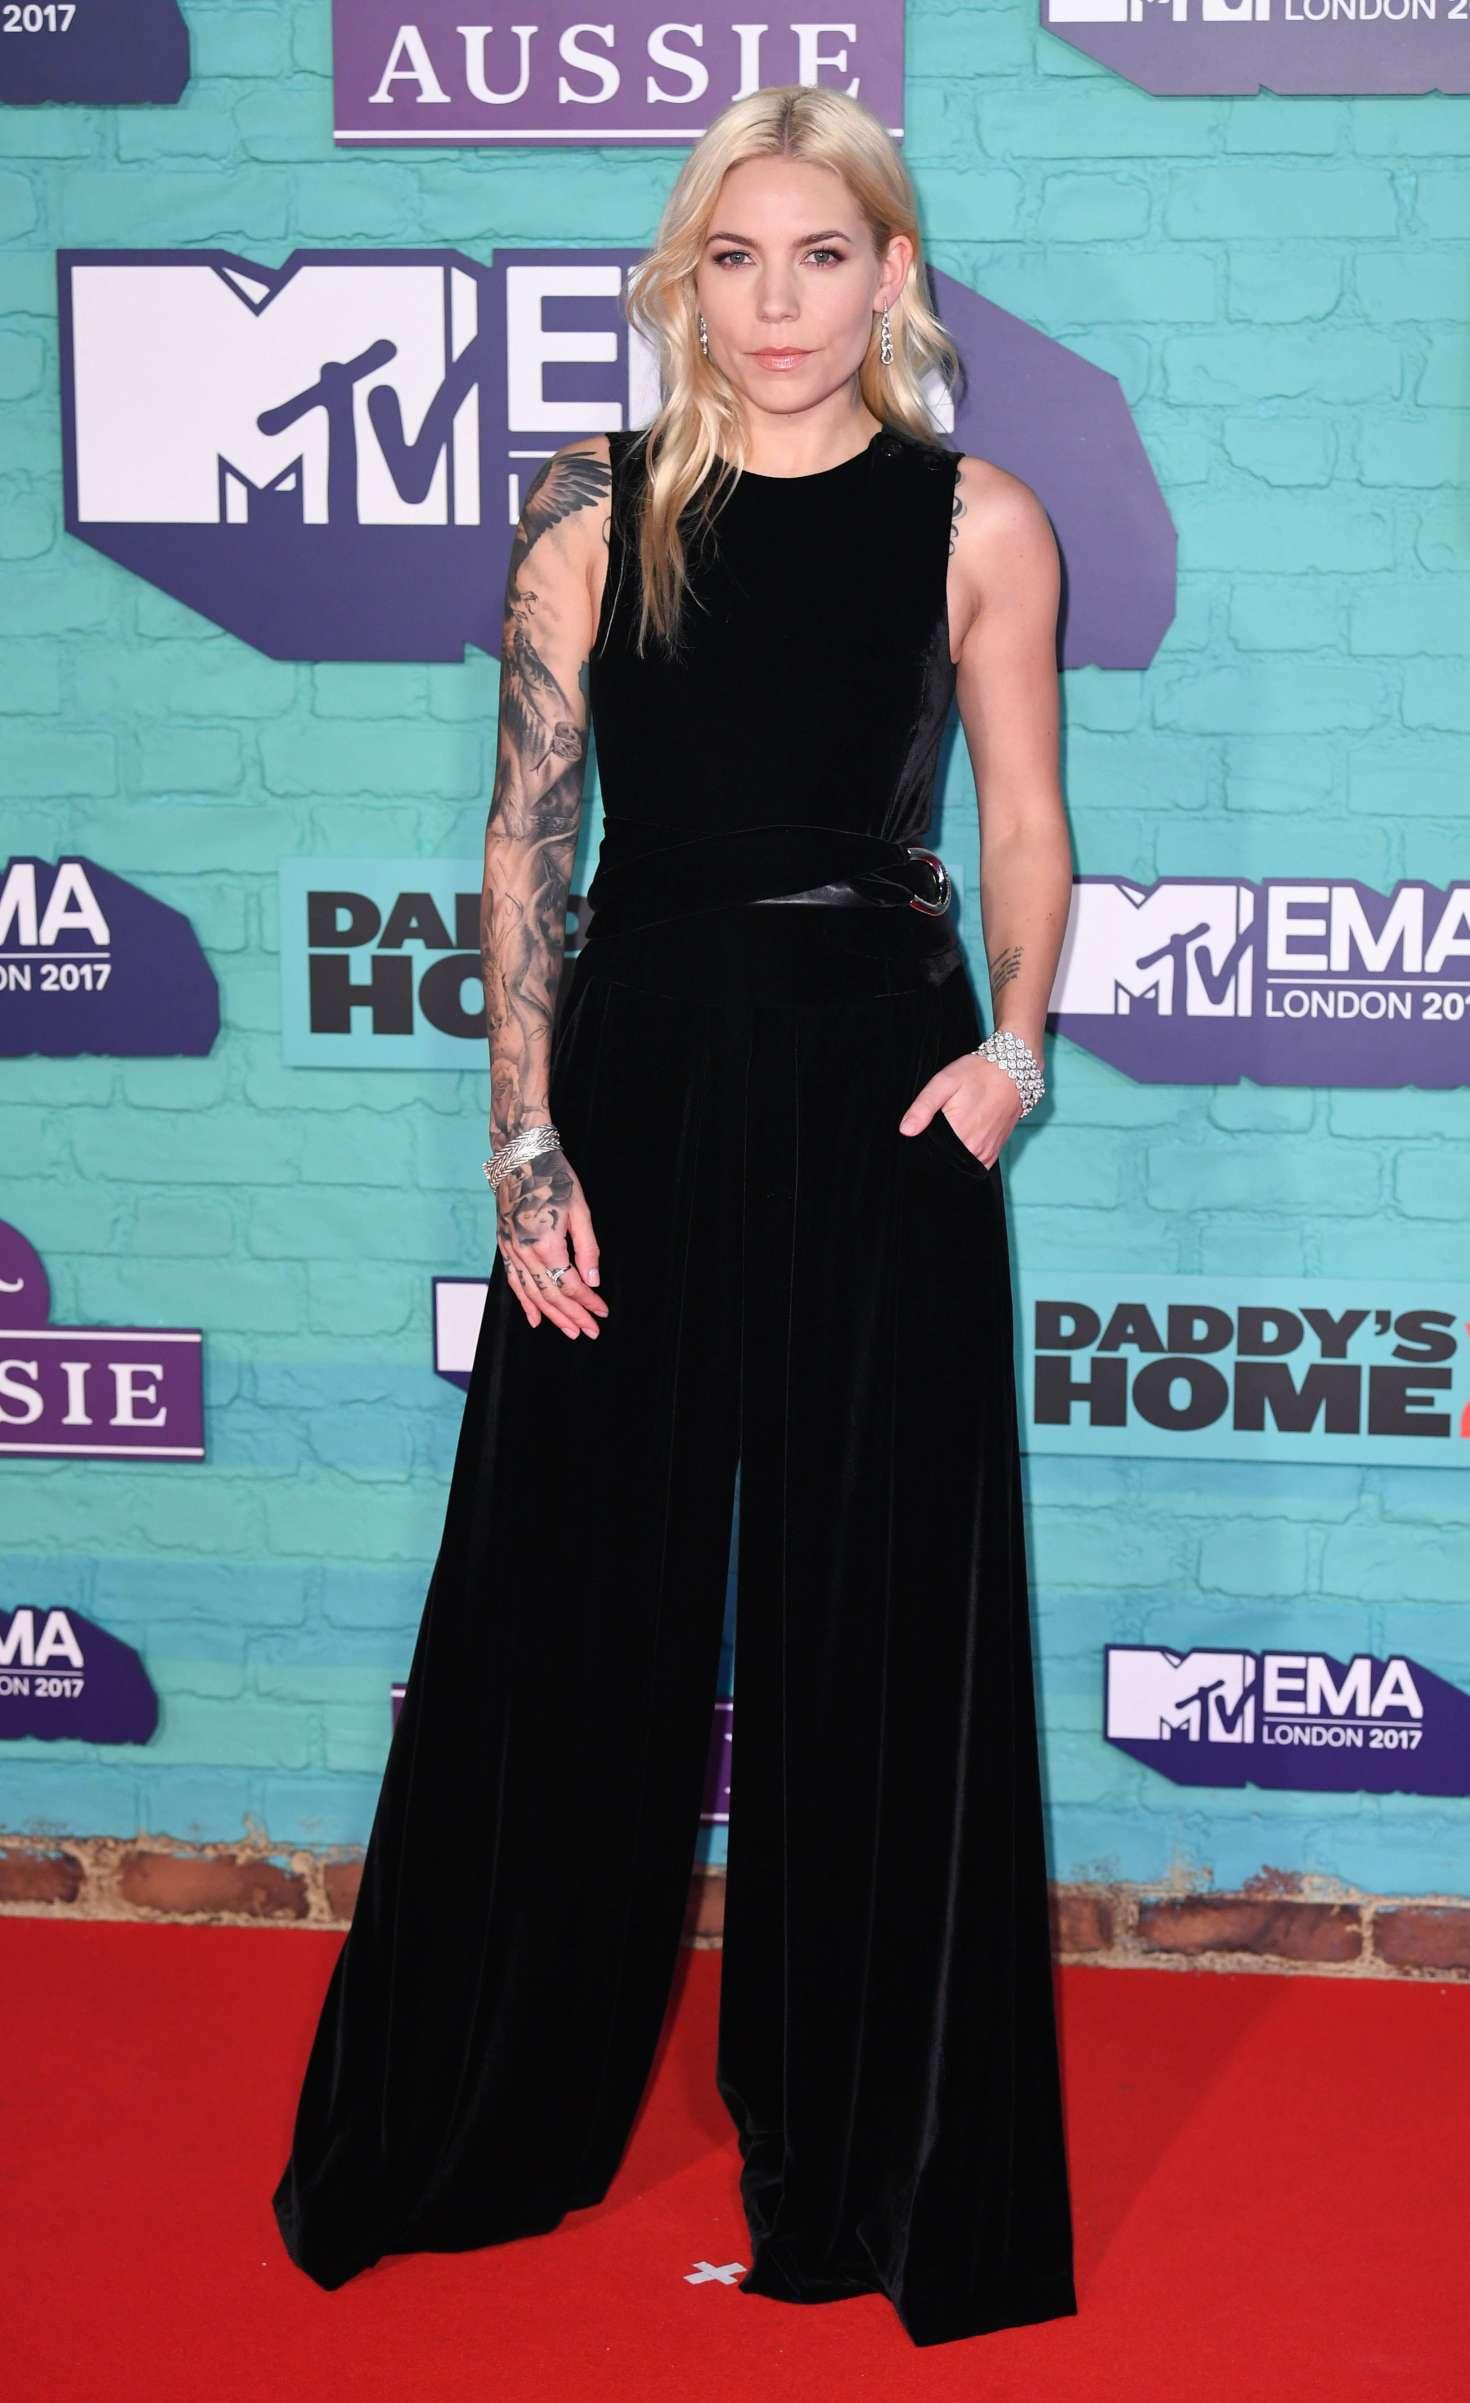 Skylar Grey 2017 : Skylar Grey: 2017 MTV Europe Music Awards -04